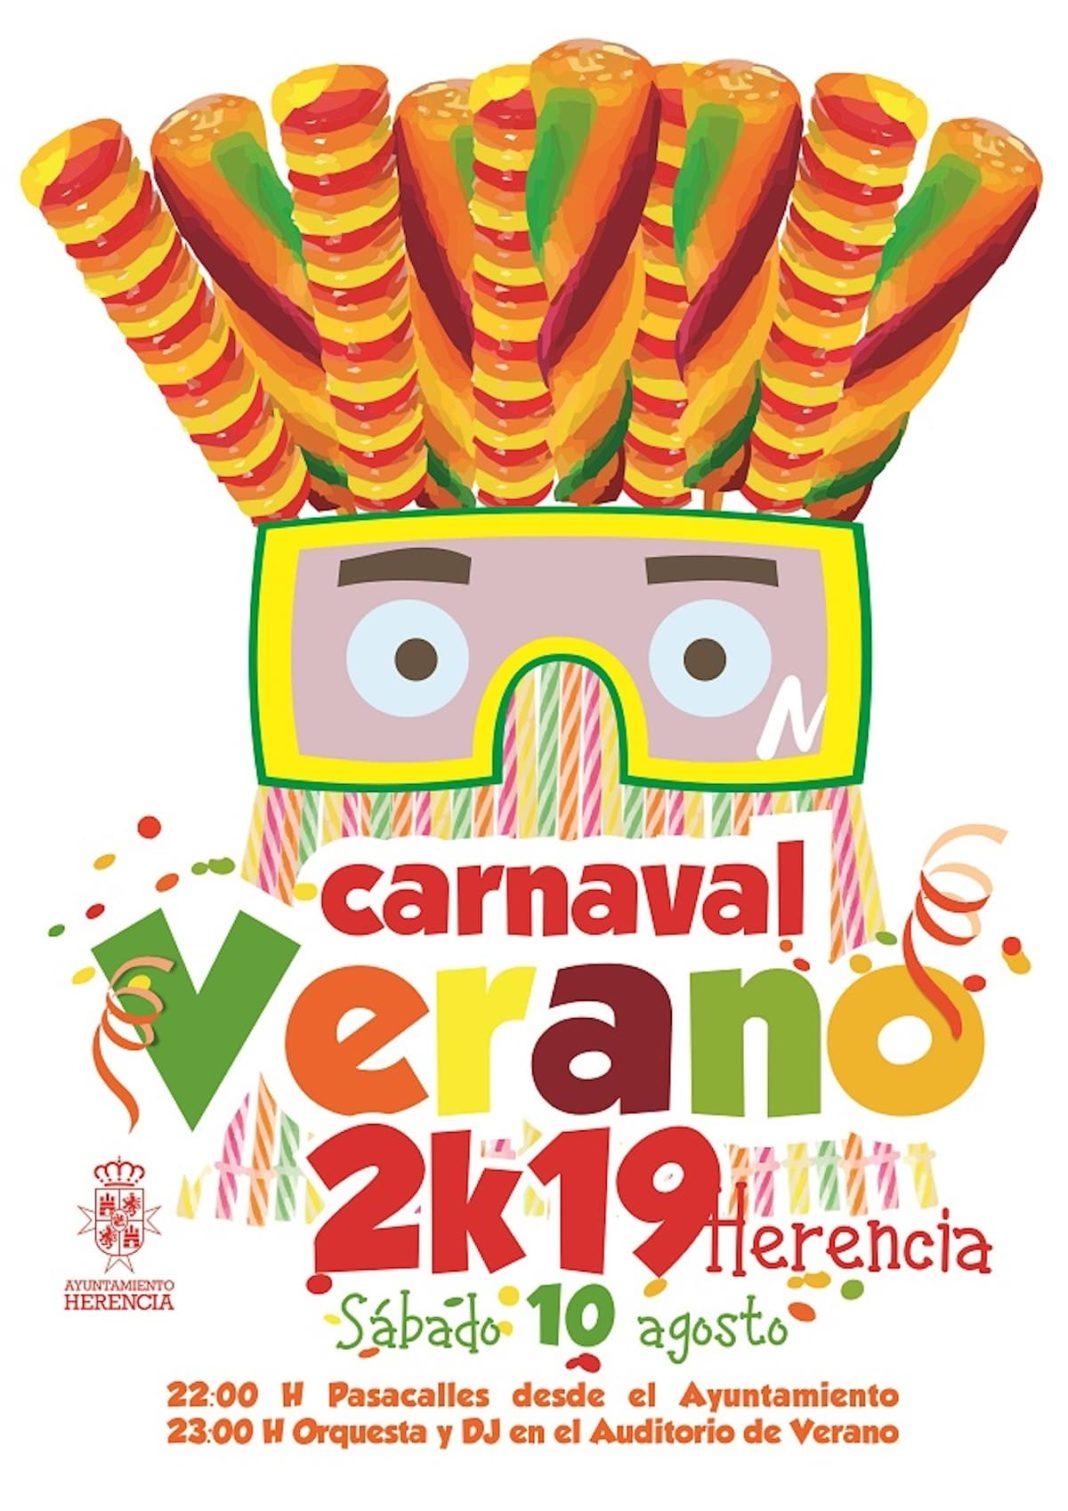 Herencia prepara el auténtico Carnaval de verano manchego 4